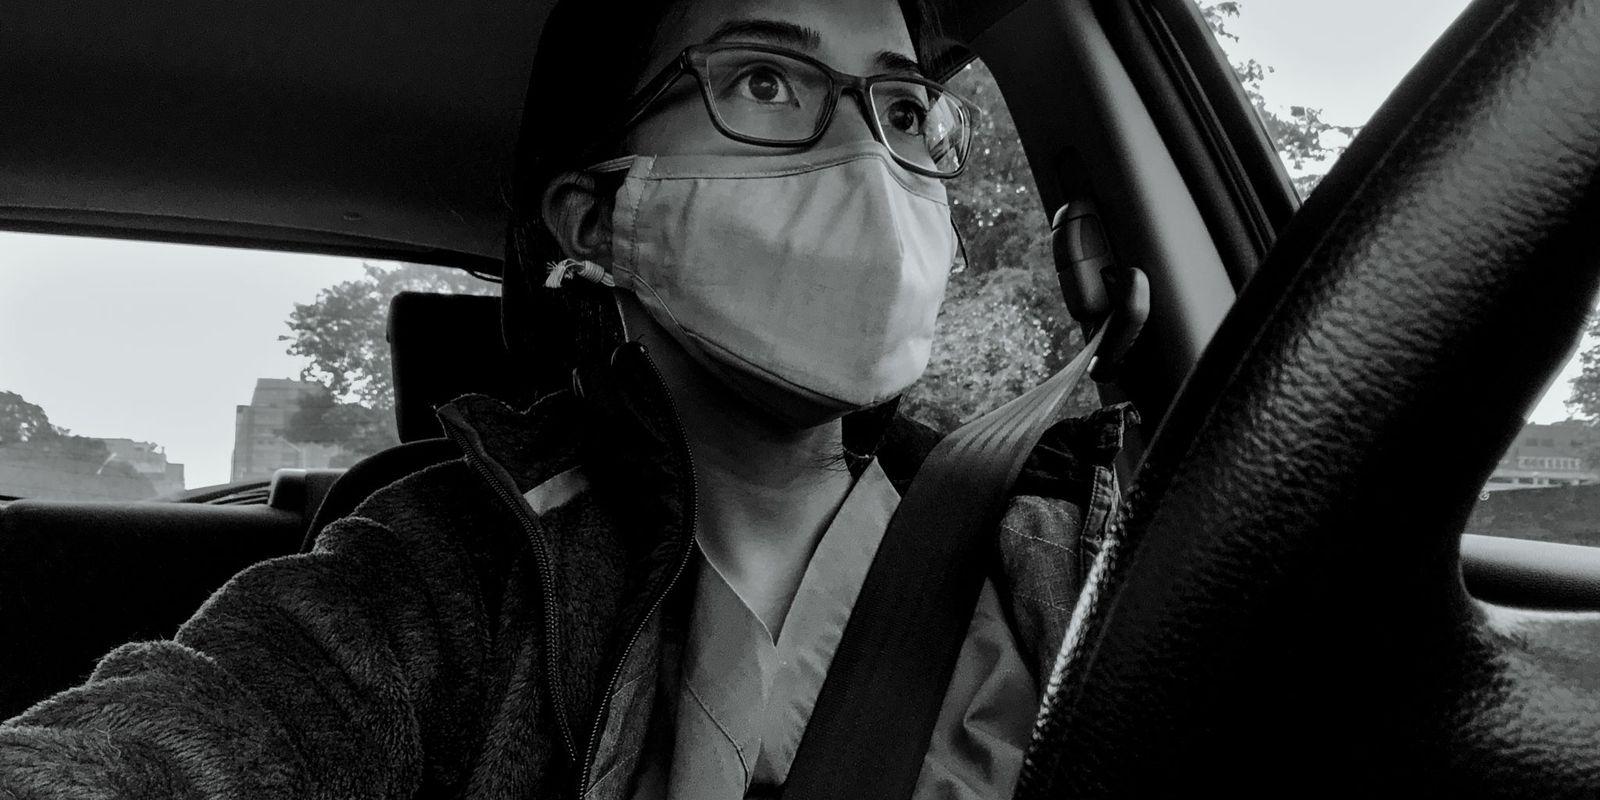 «Me siento derrotada»: Una enfermera relata la presión constante que supone trabajar en primera línea